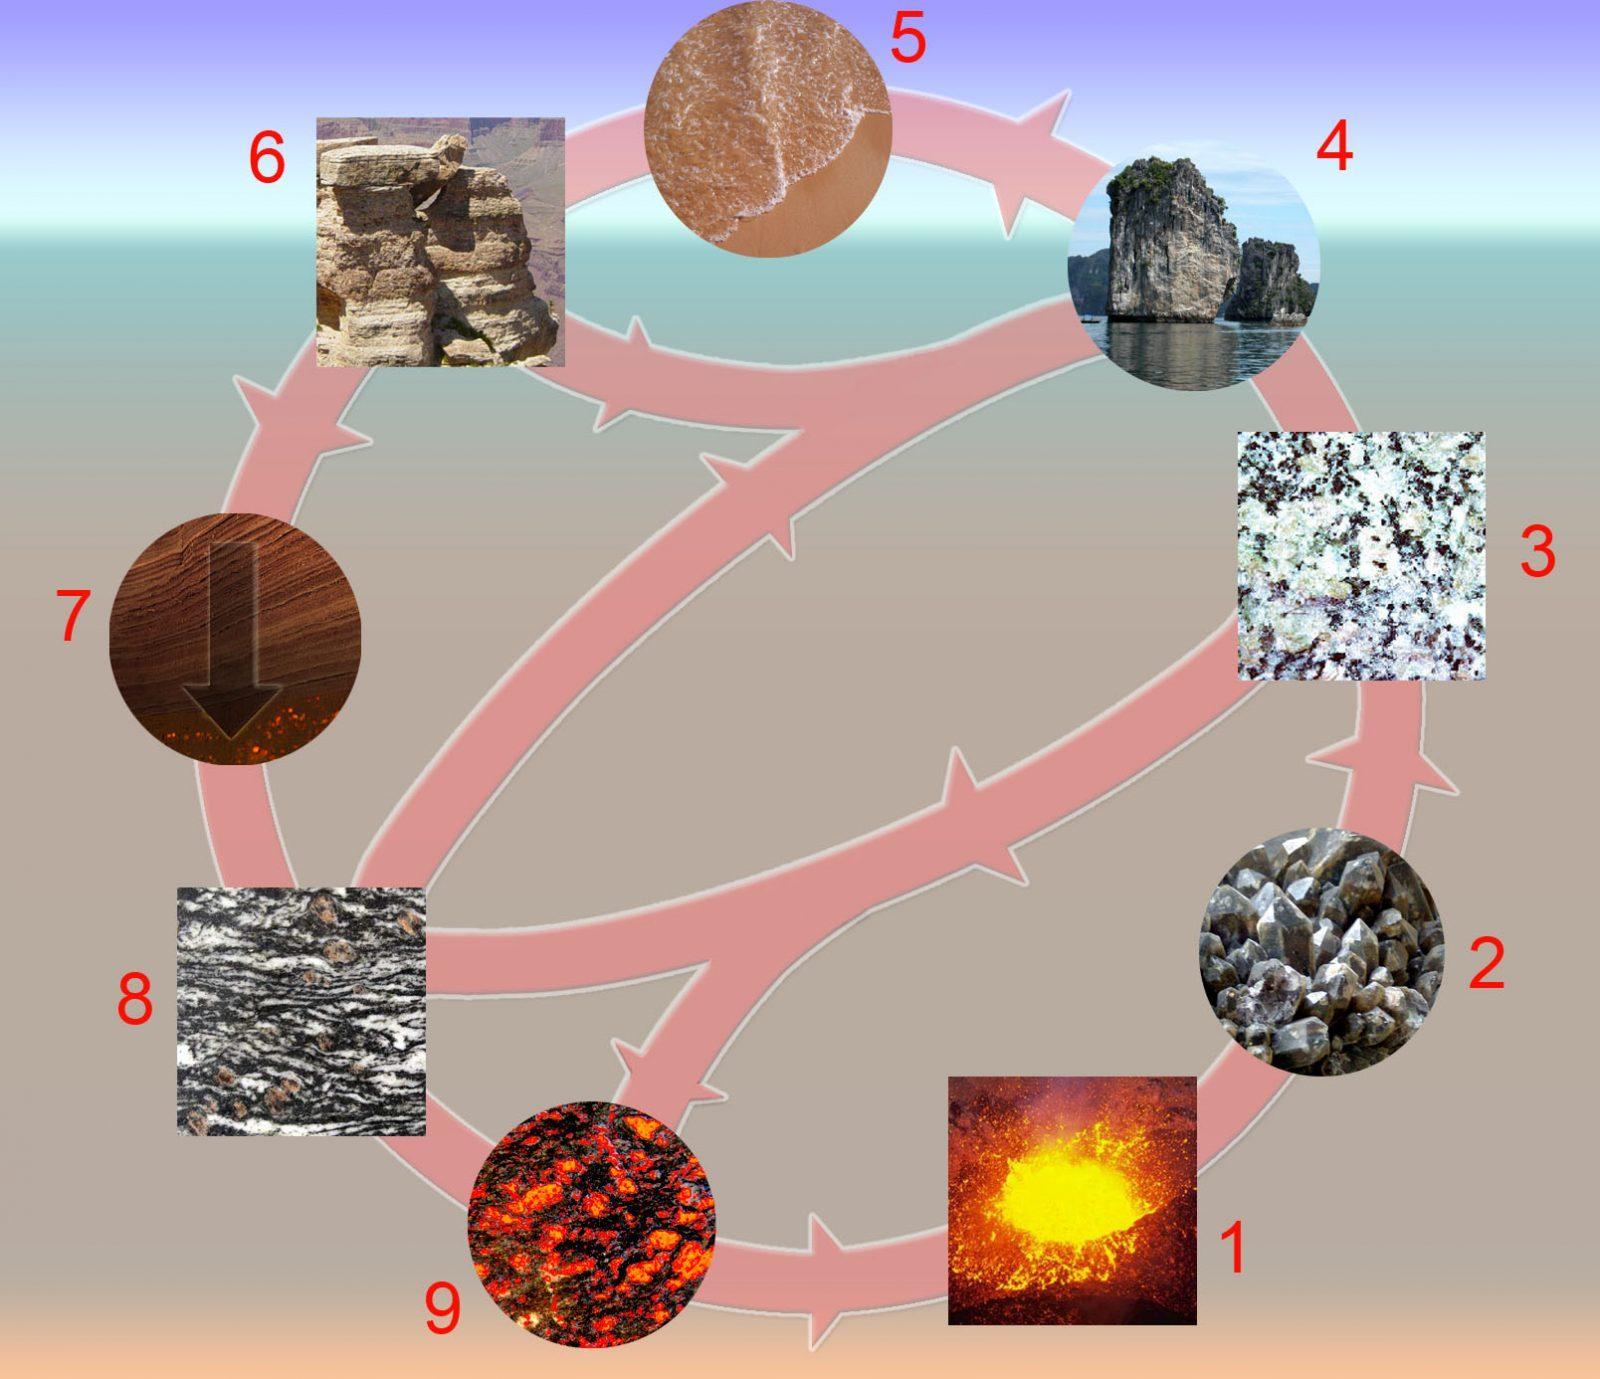 ciclo de formación rocas sedentarias